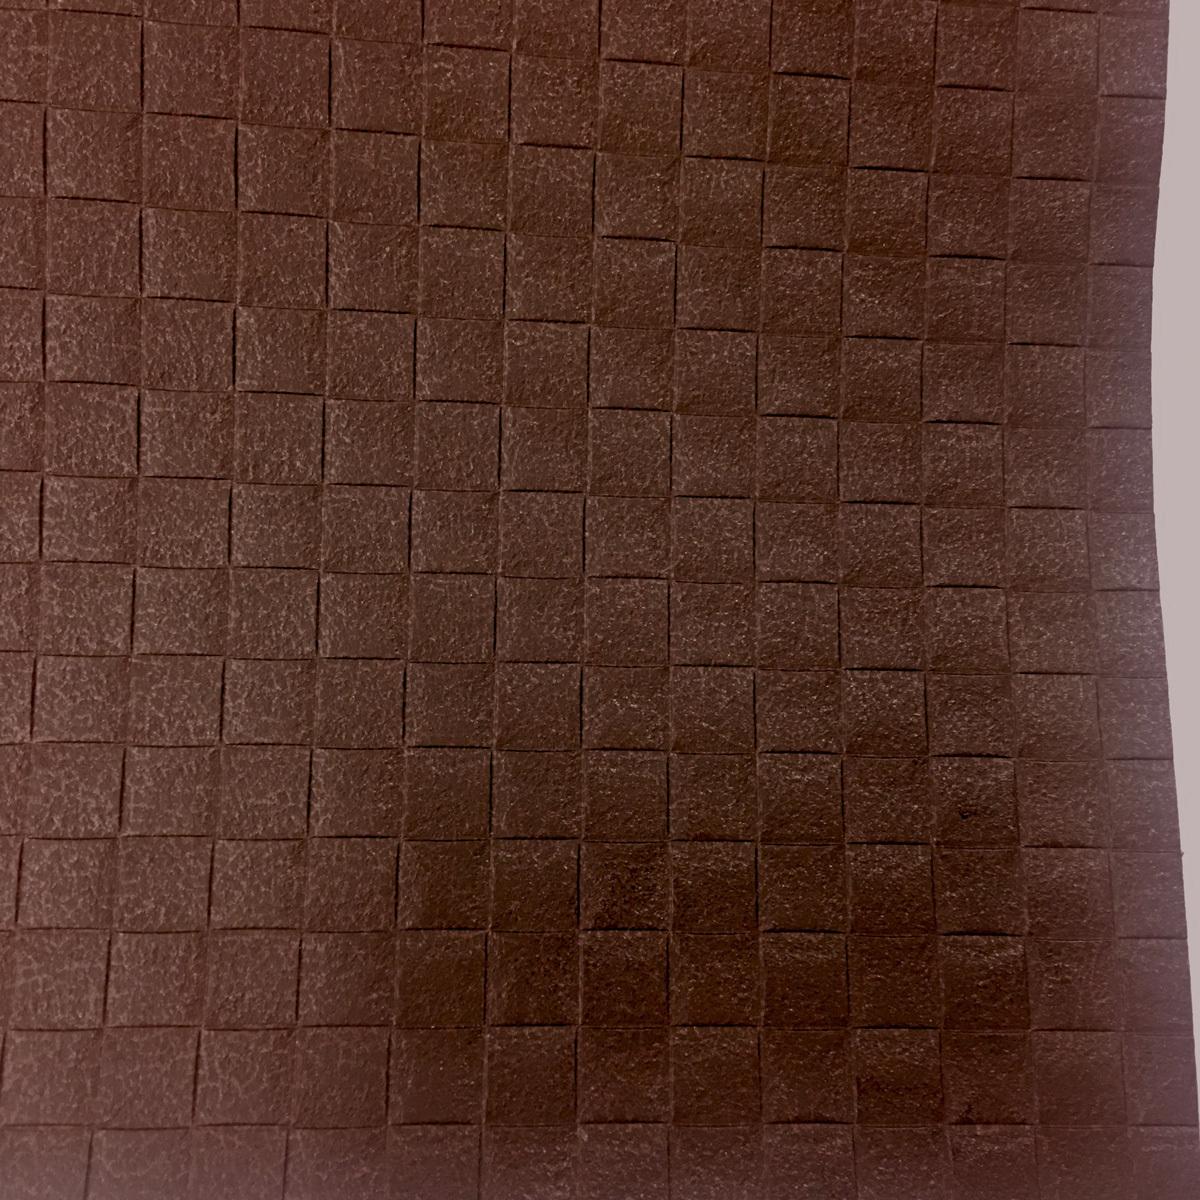 【サンゲツアウトレット】こげ茶 コードカーフ柄壁紙ビニールクロスFE4104 廃番処分品【50m】 【アクセント壁】【DIY】【リノベーション】_画像2